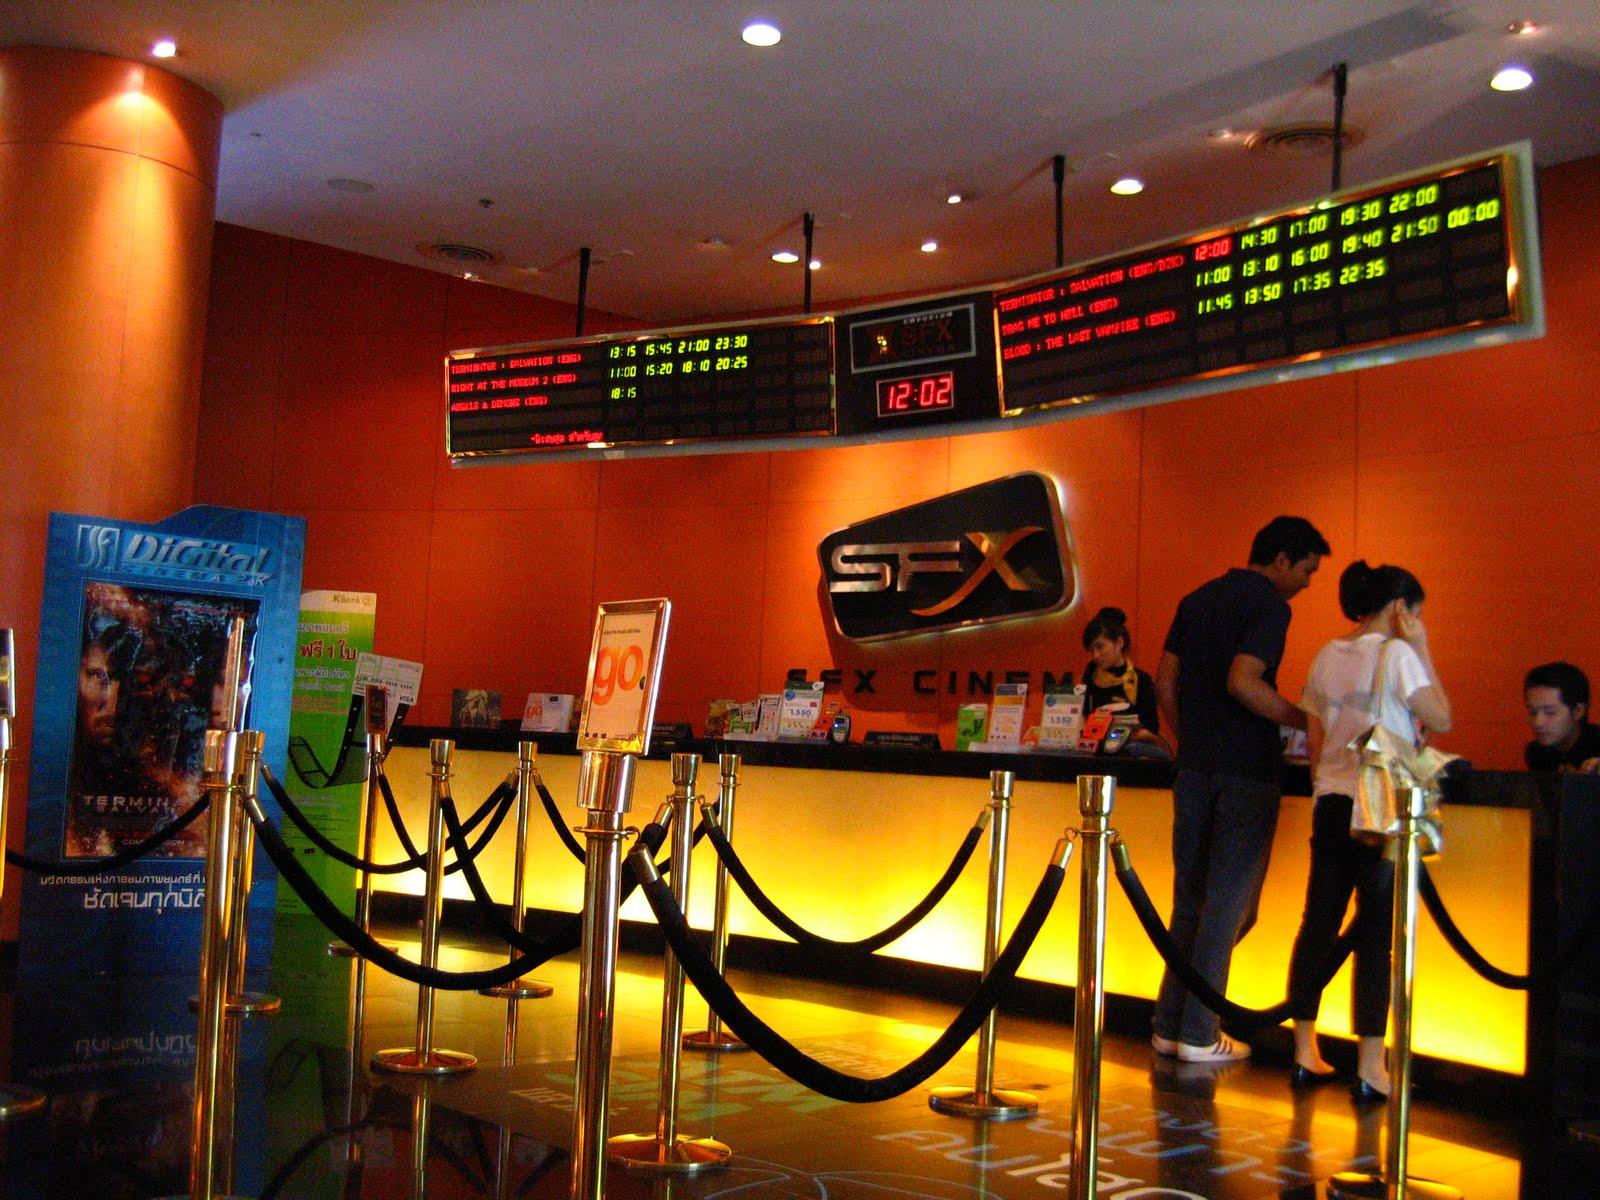 wise kwais bangkok cinema scene showtimes